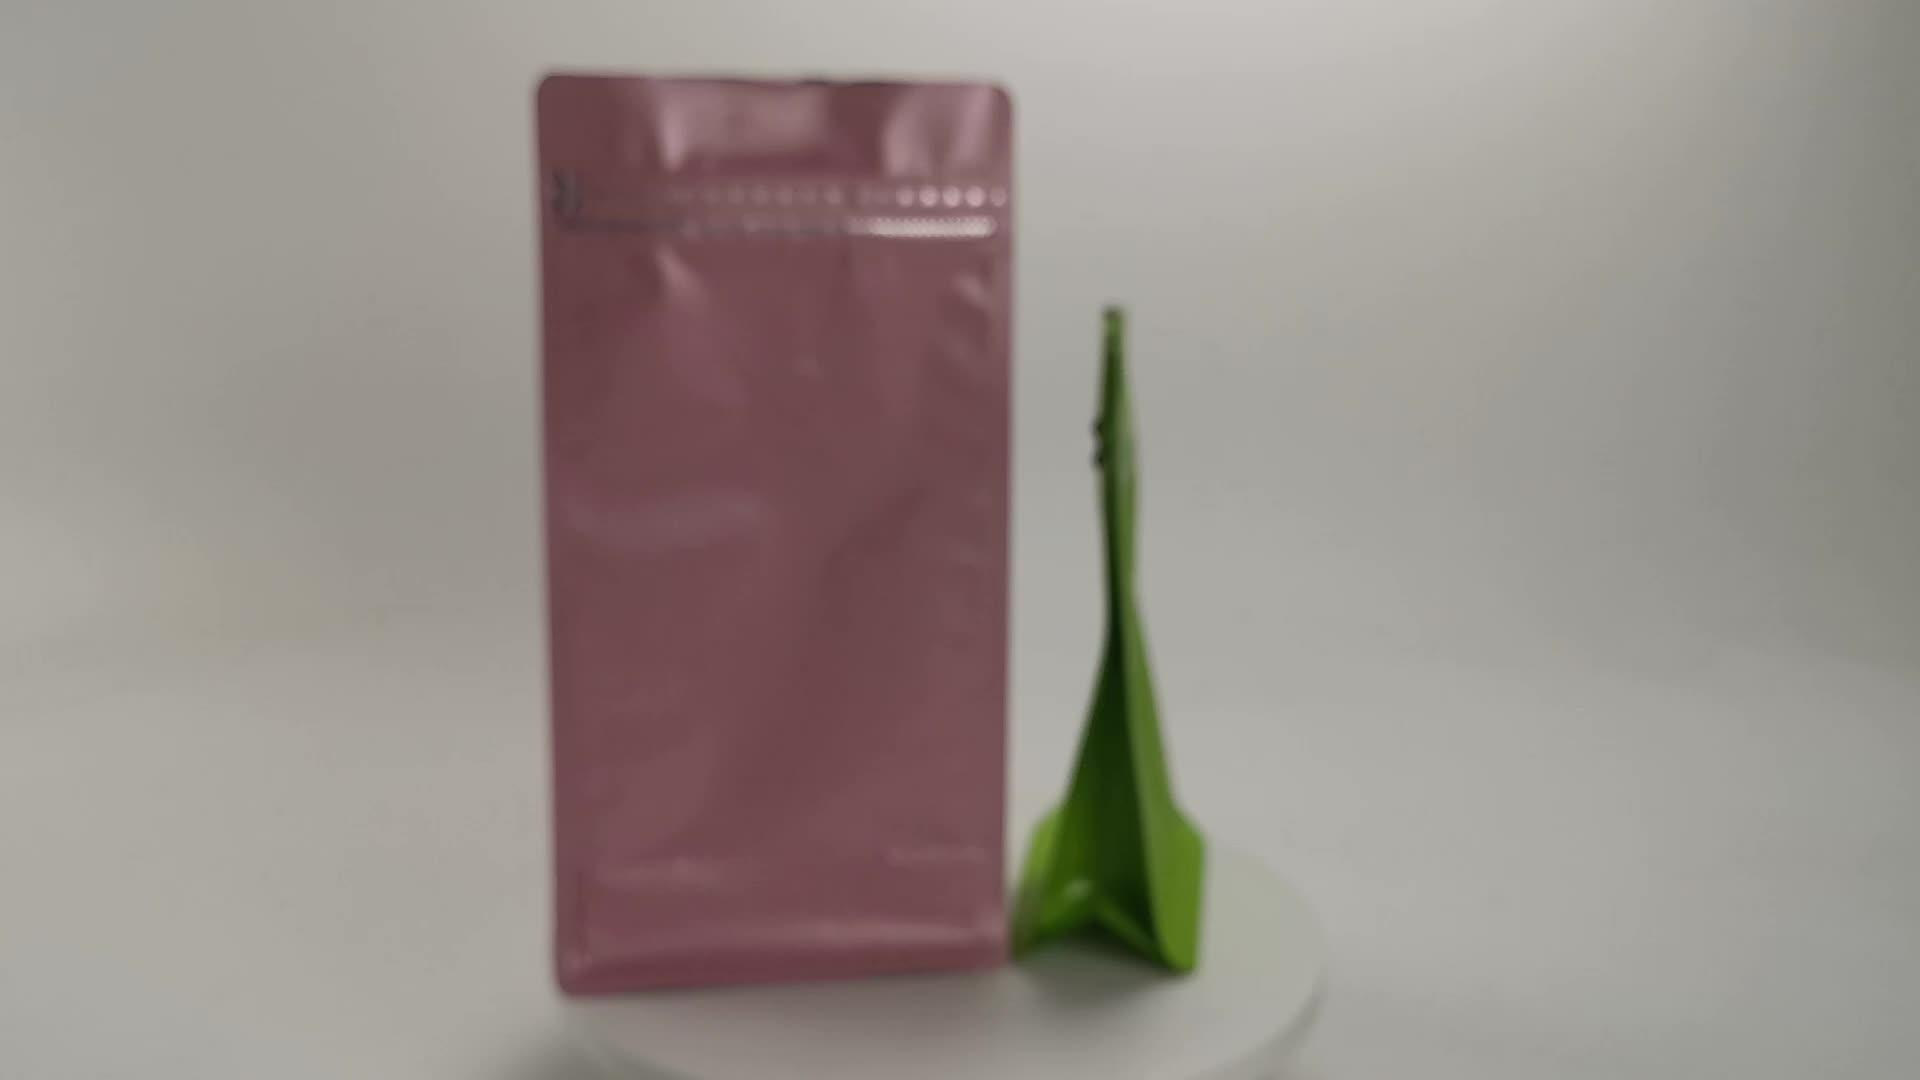 골드 블록 하단 파우치 콩 단백질 파우더 포장 파우치 식품 학년 흔들어 영양 분말 포장 Mylar 가방